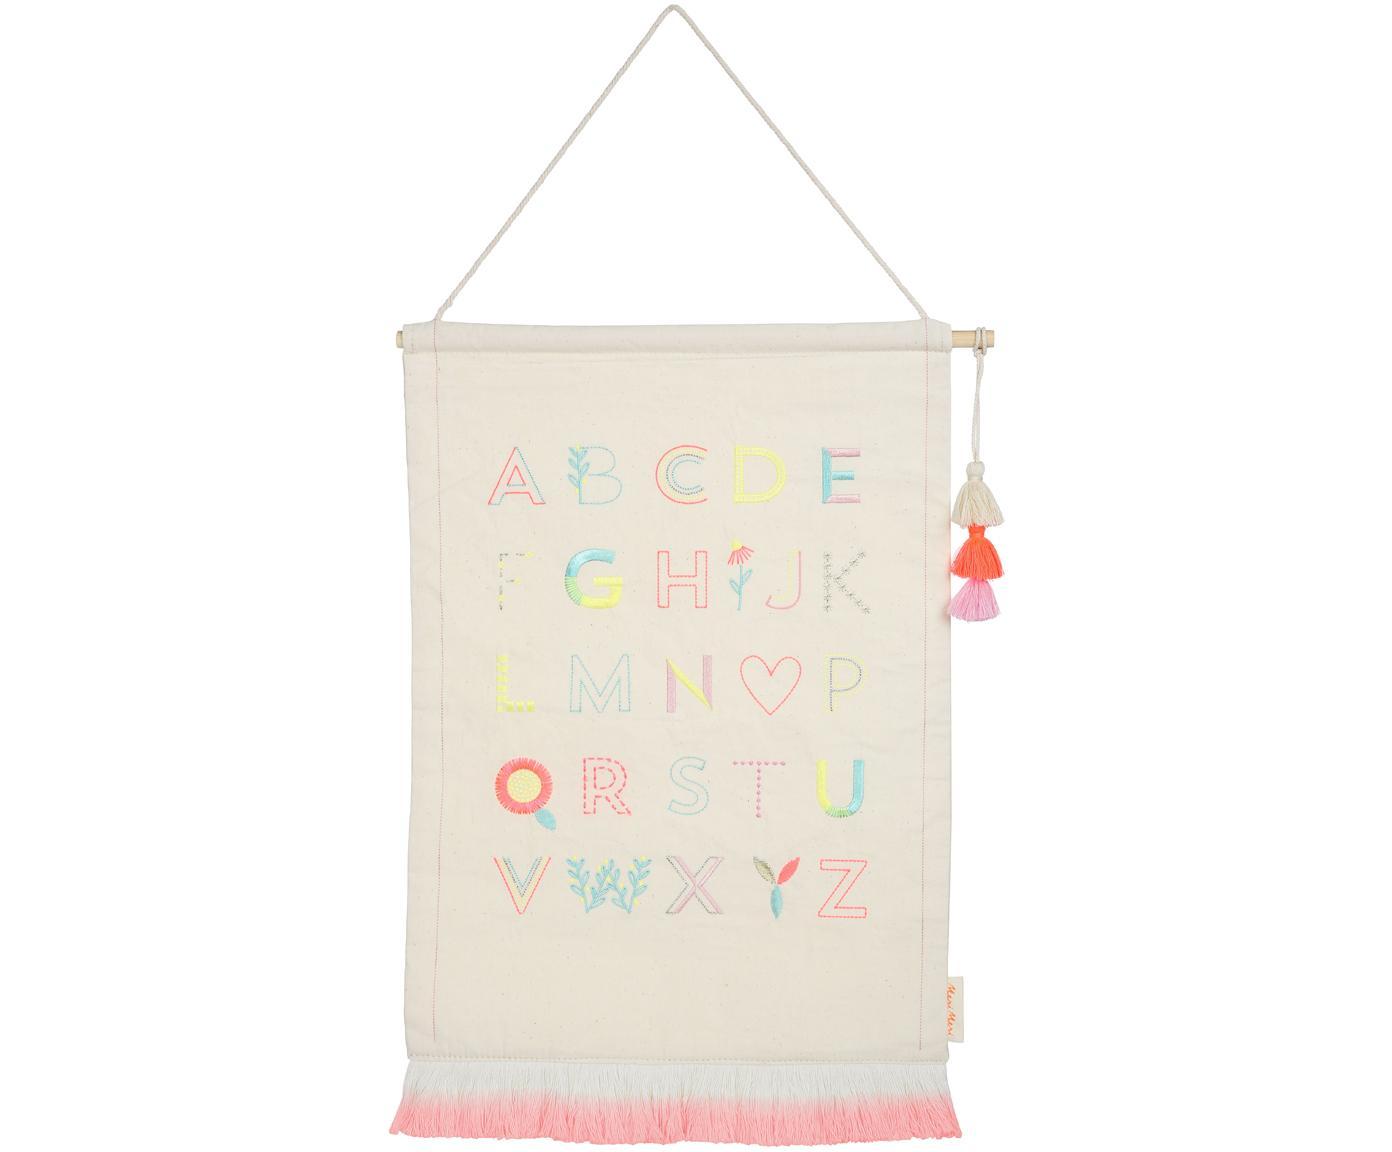 Dekoracja ścienna Alphabet, Bawełna, Beżowy, blady różowy, niebieski, żółty, S 36 x W 50 cm